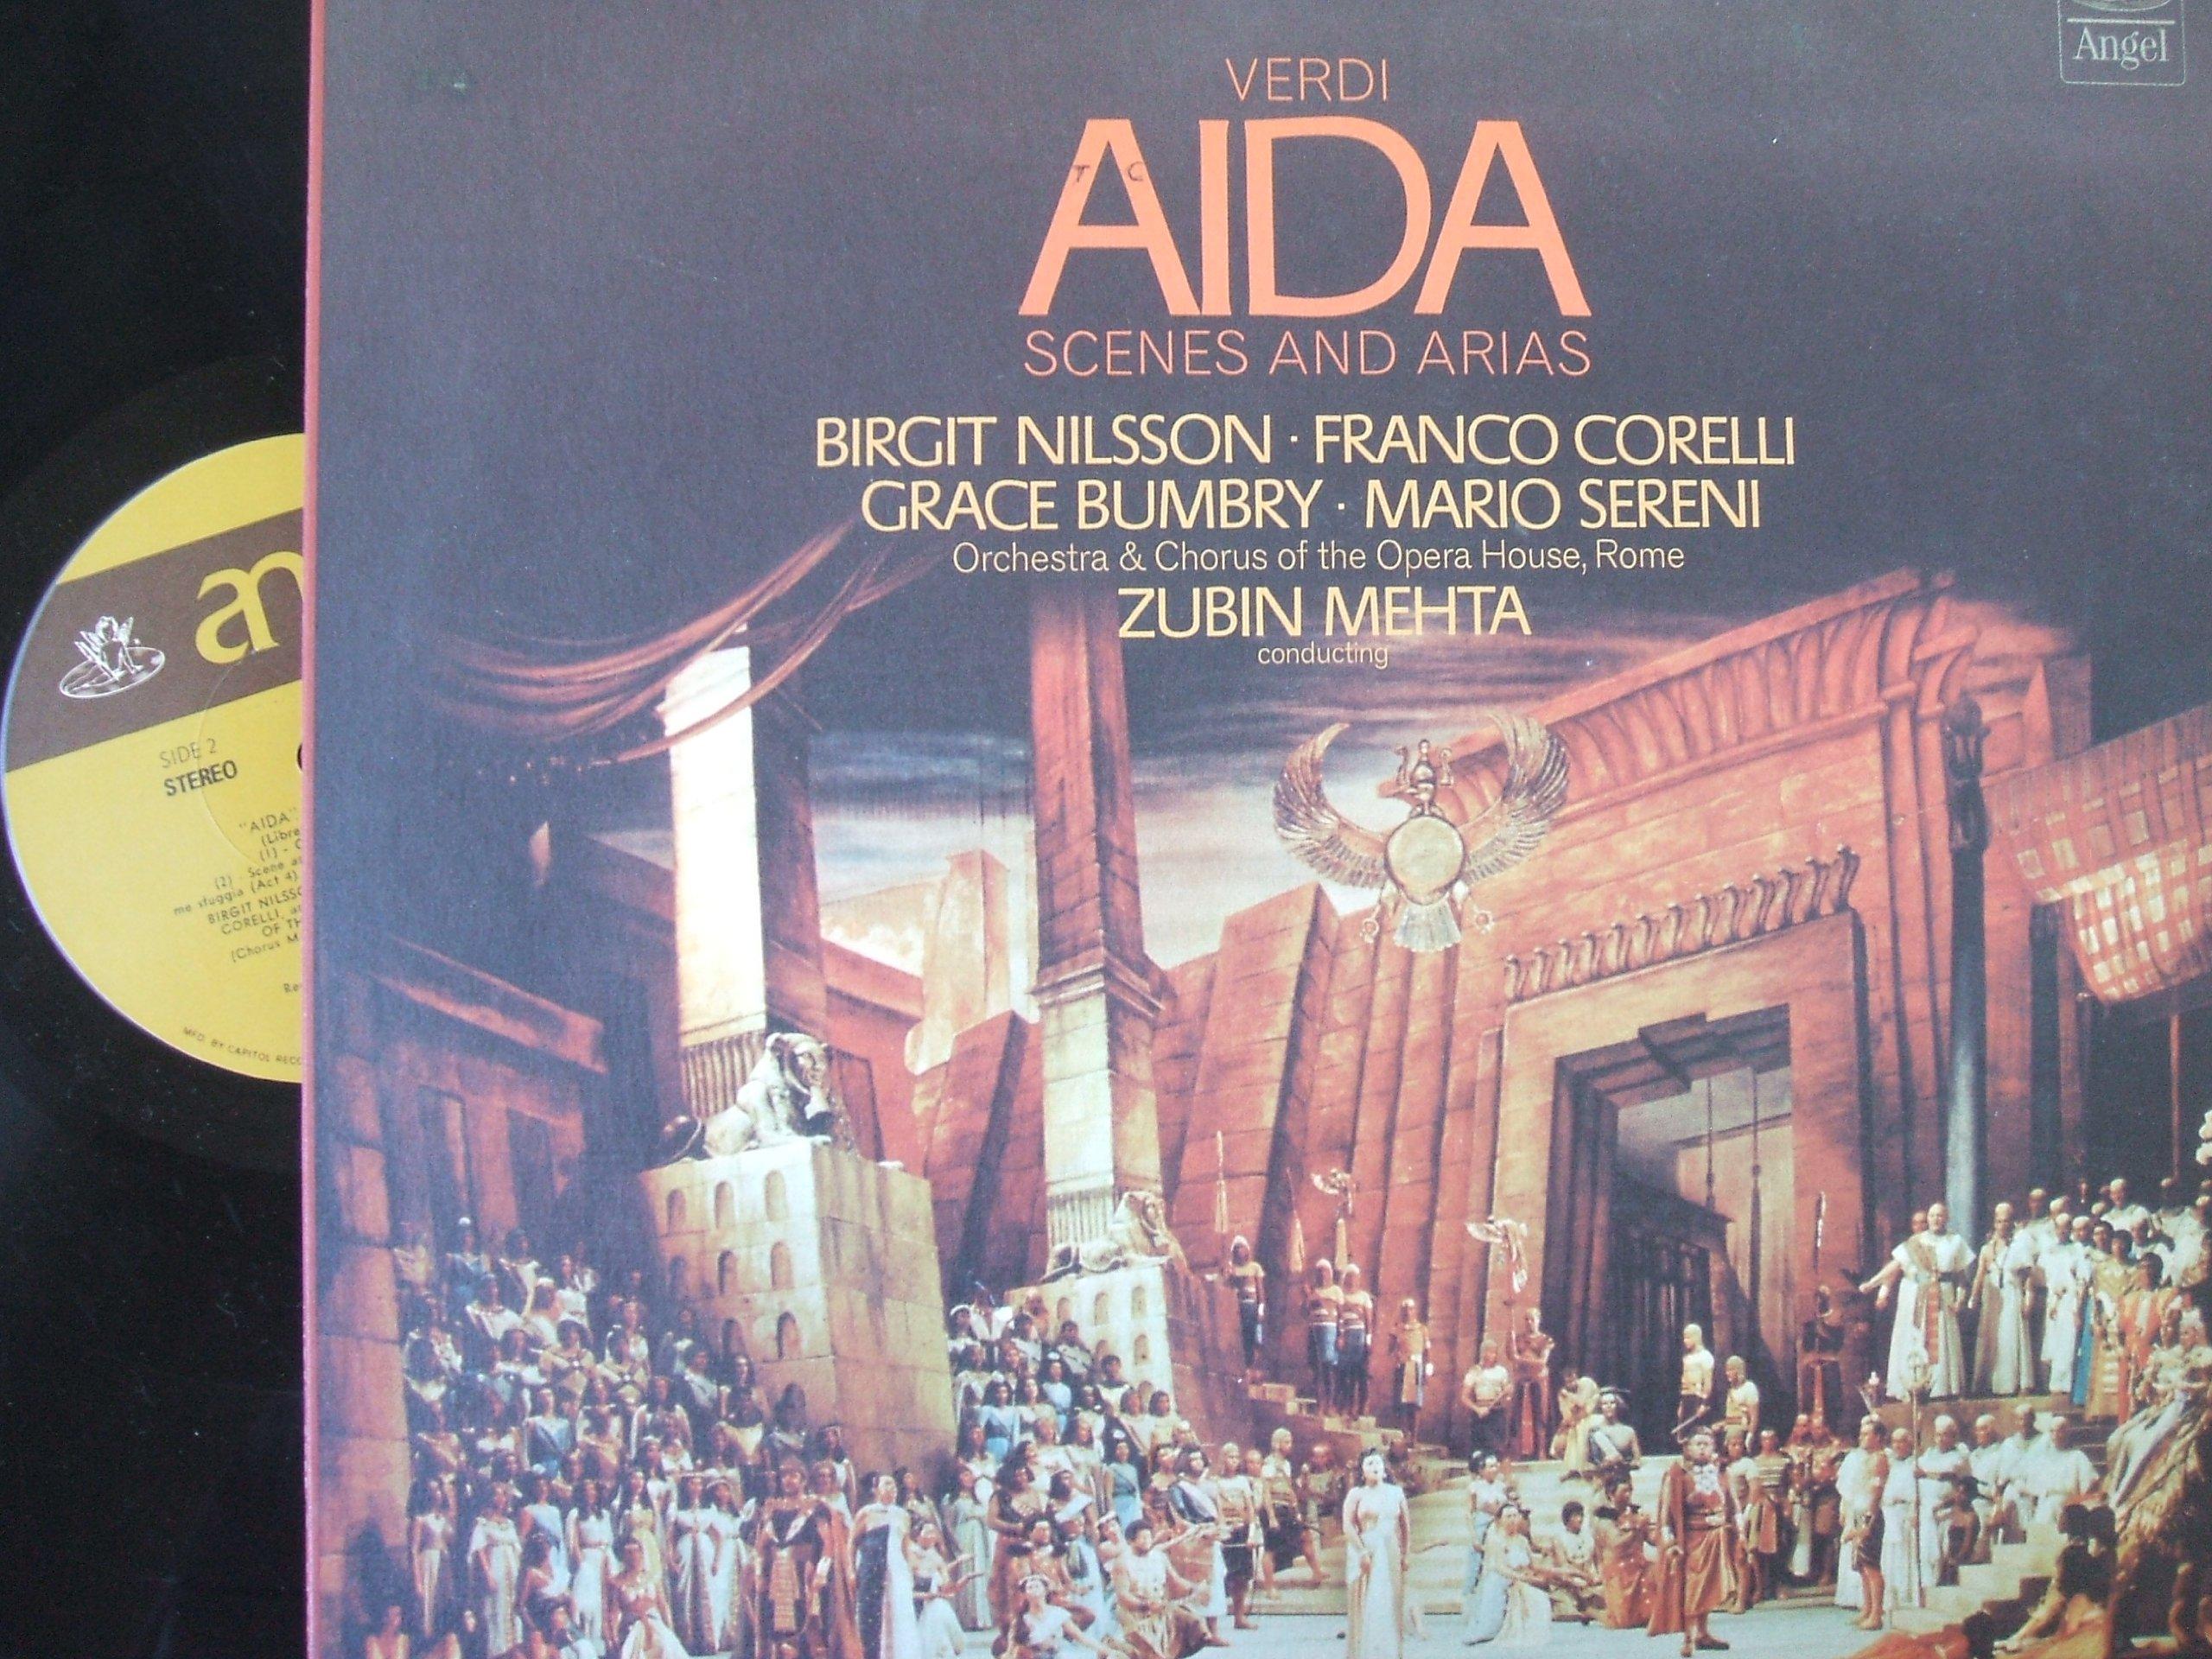 Verdi: Aida - Scenes and Arias